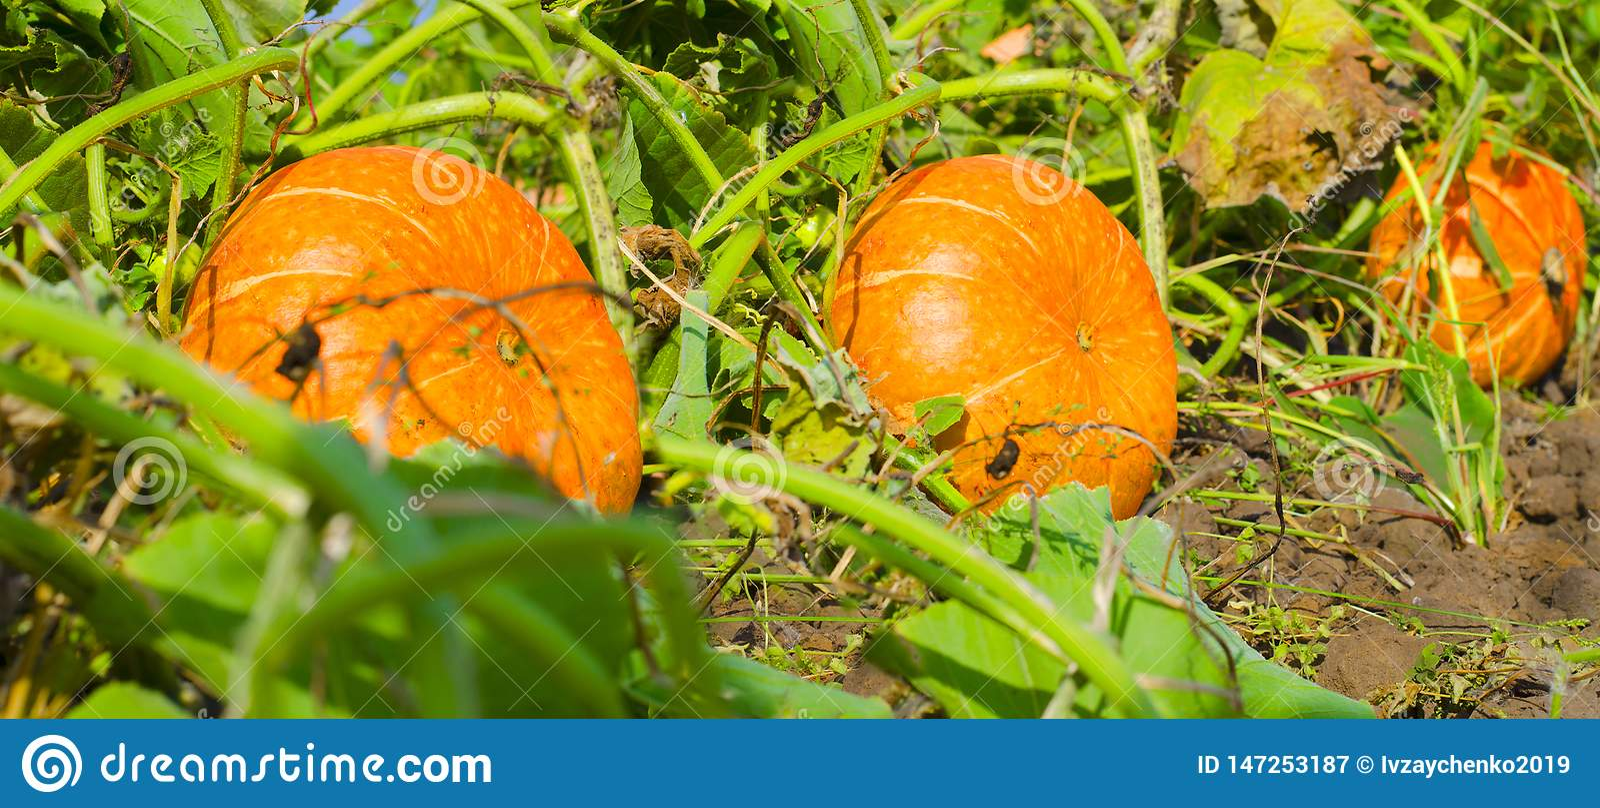 橙色南瓜在室外农夫市场上 南瓜补丁